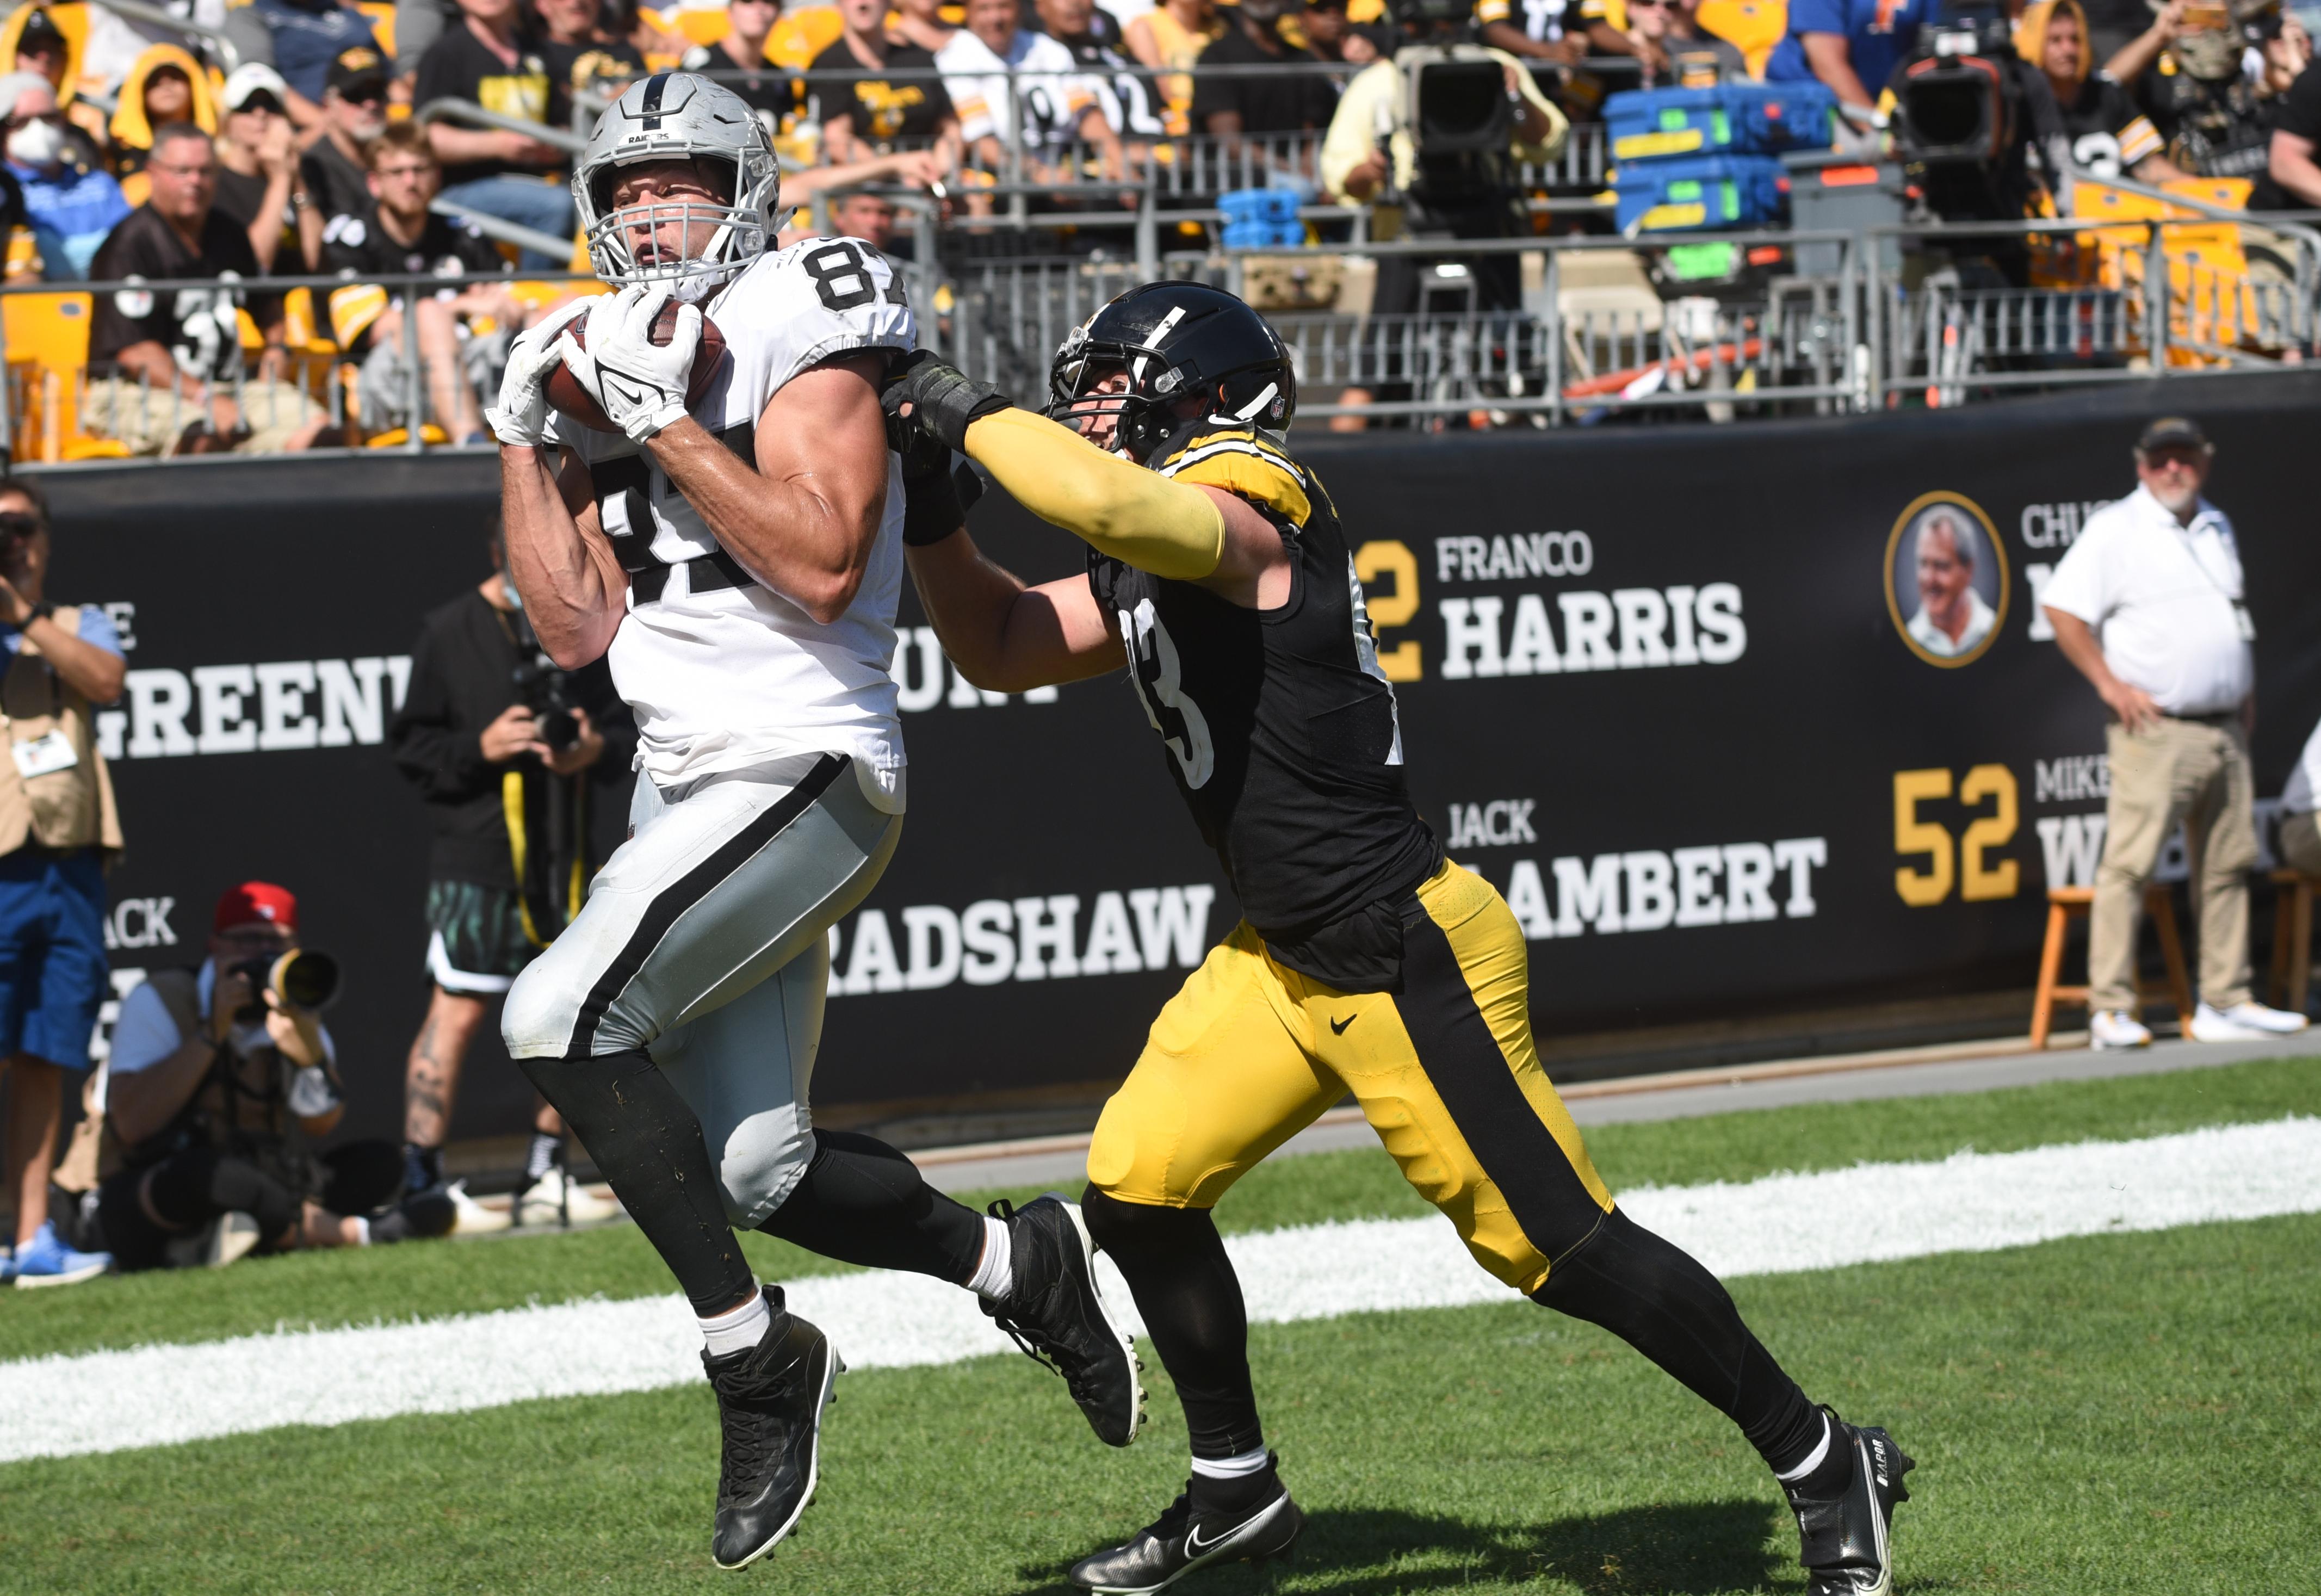 NFL: Las Vegas Raiders at Pittsburgh Steelers